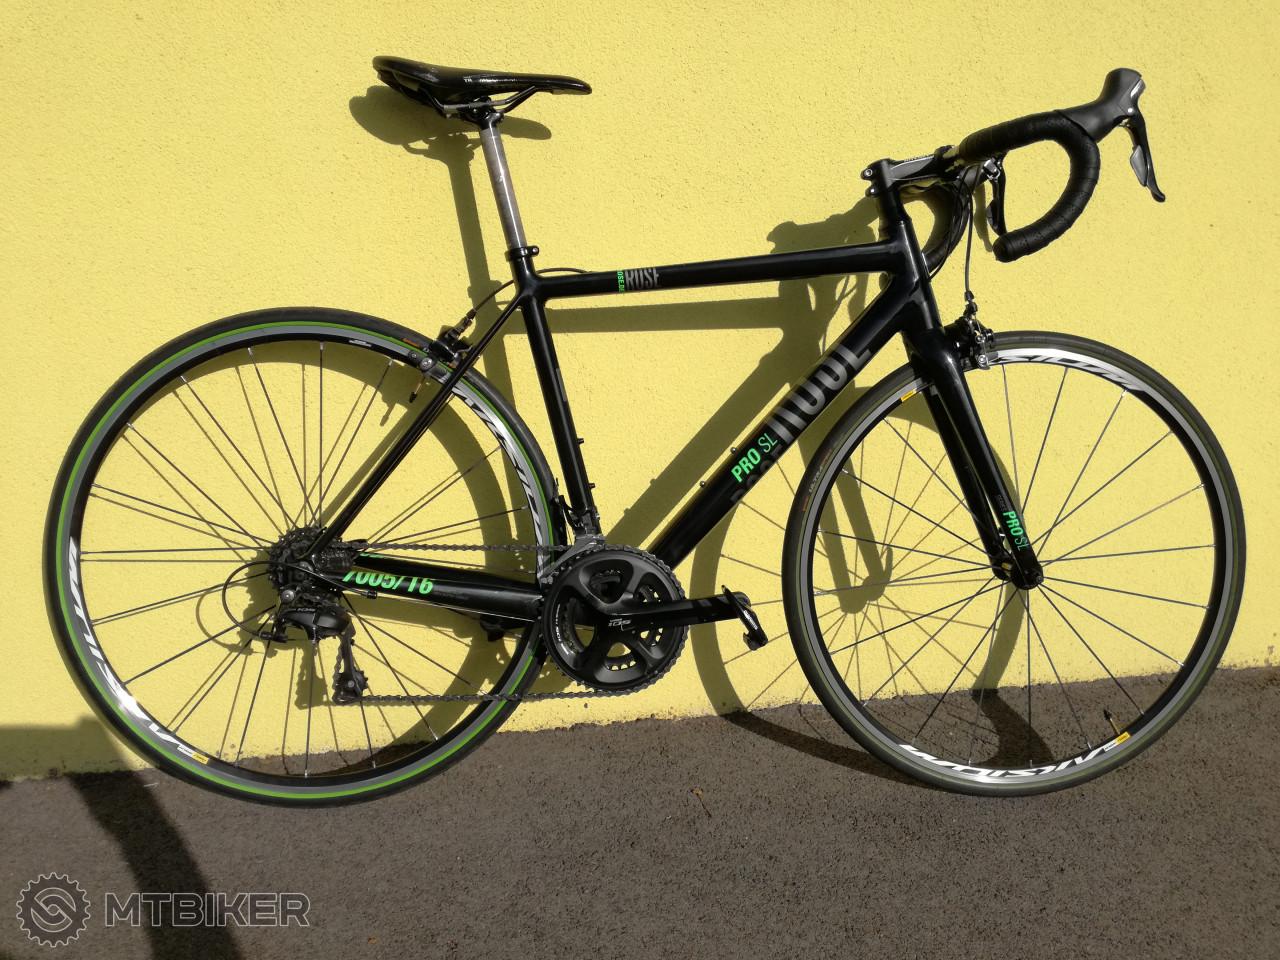 rose pro sl 2000 2015 bicykle cestn baz r mtbiker. Black Bedroom Furniture Sets. Home Design Ideas